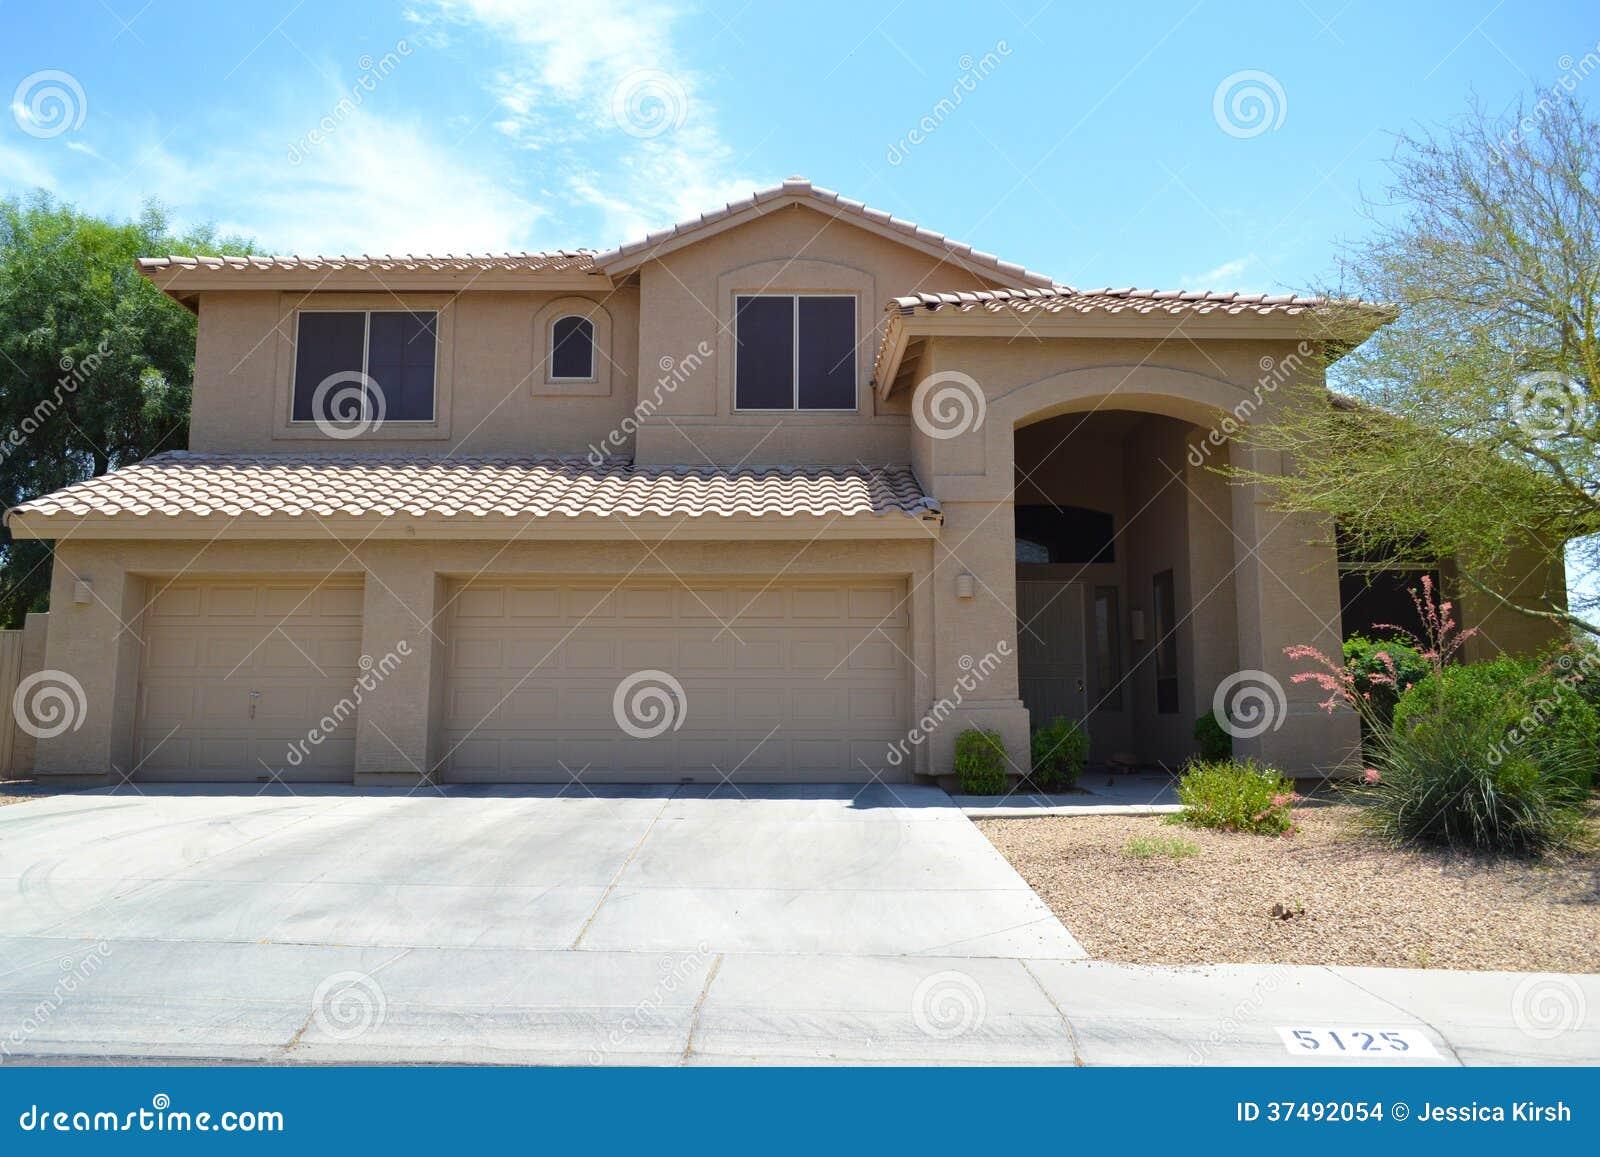 maison espagnole du sud ouest toute neuve de r 234 ve de l arizona de style